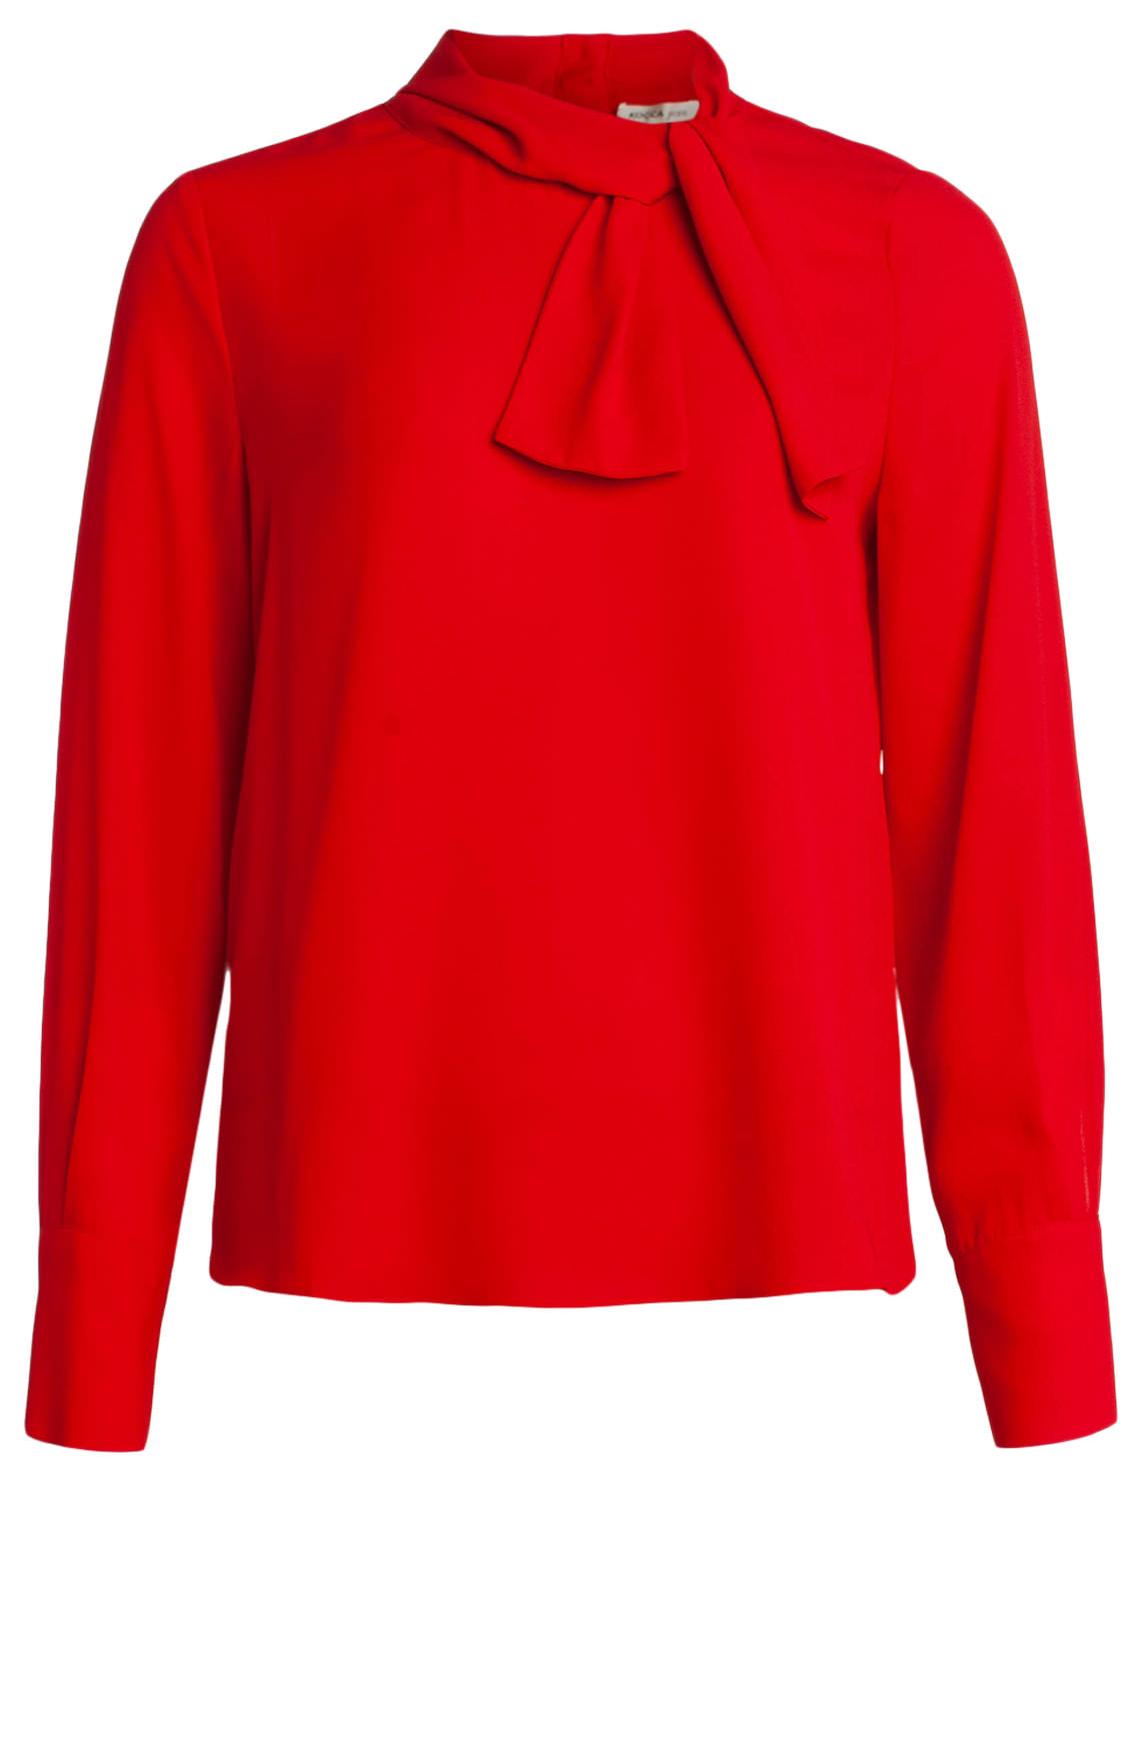 Kocca Dames Cheri blouse Rood